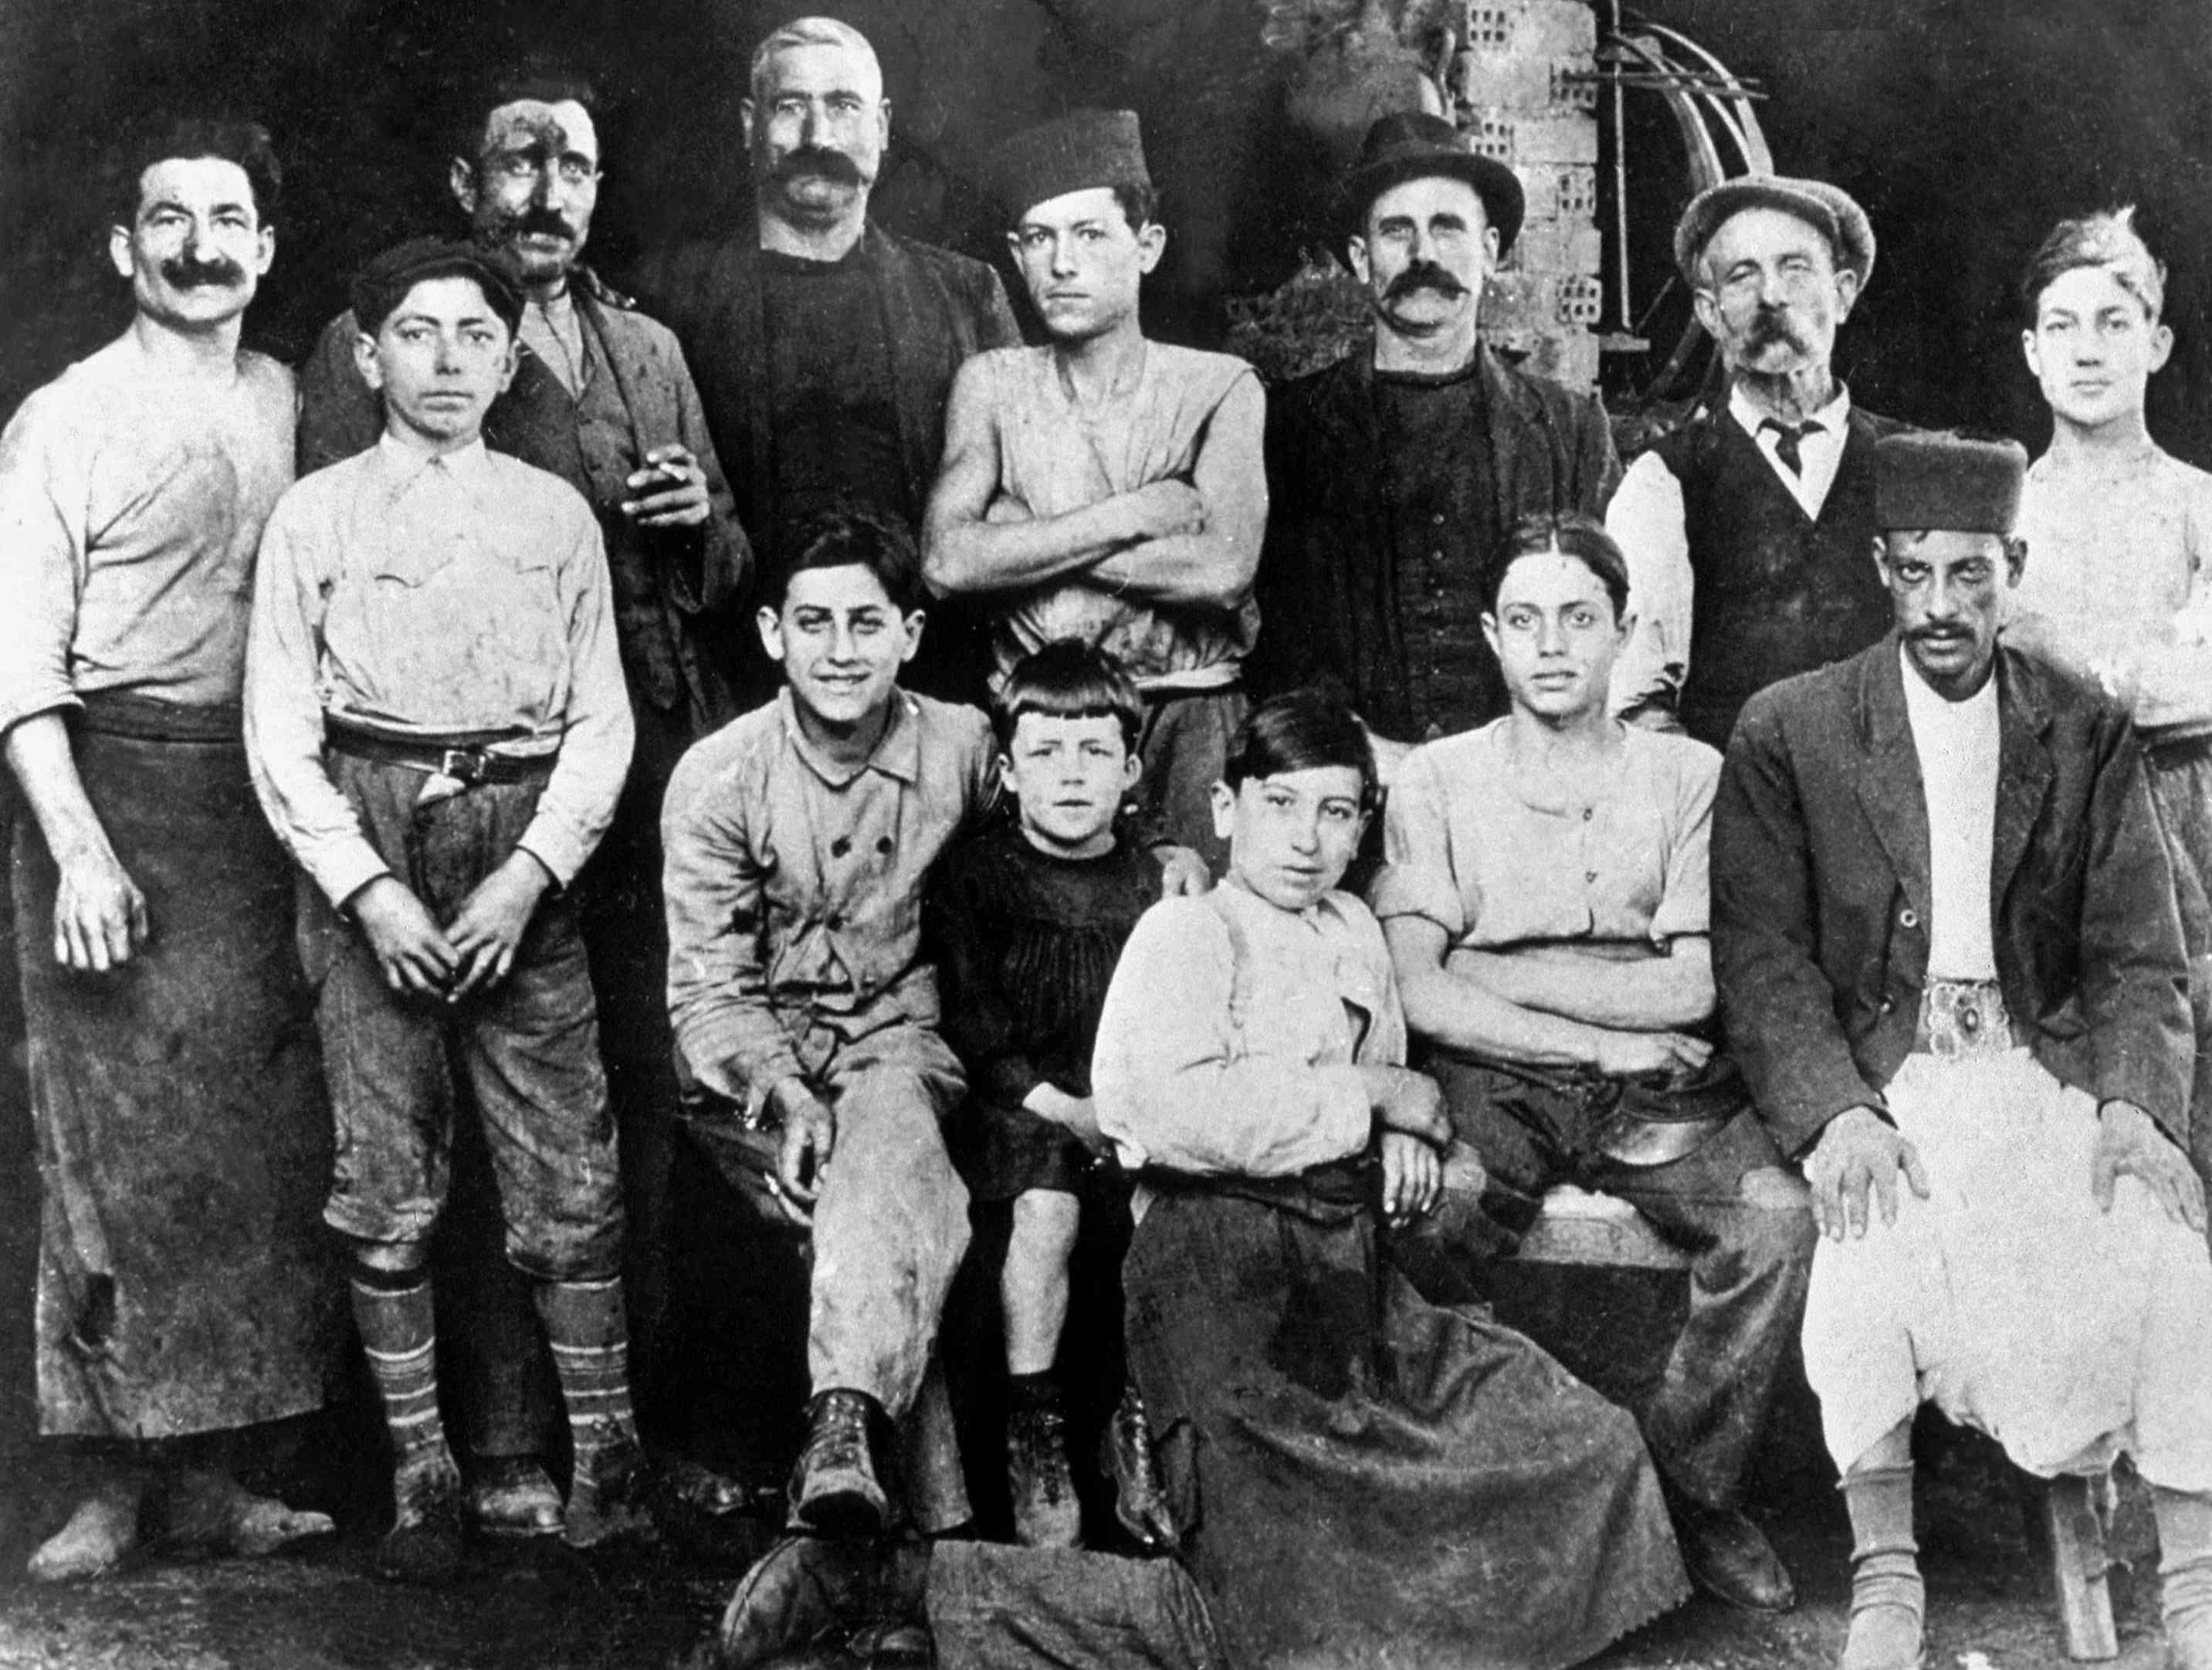 En el taller del tío de Camus (Etienne, Cooper) en Argel en 1920: Albert Camus (7 años) está en la c con traje negro